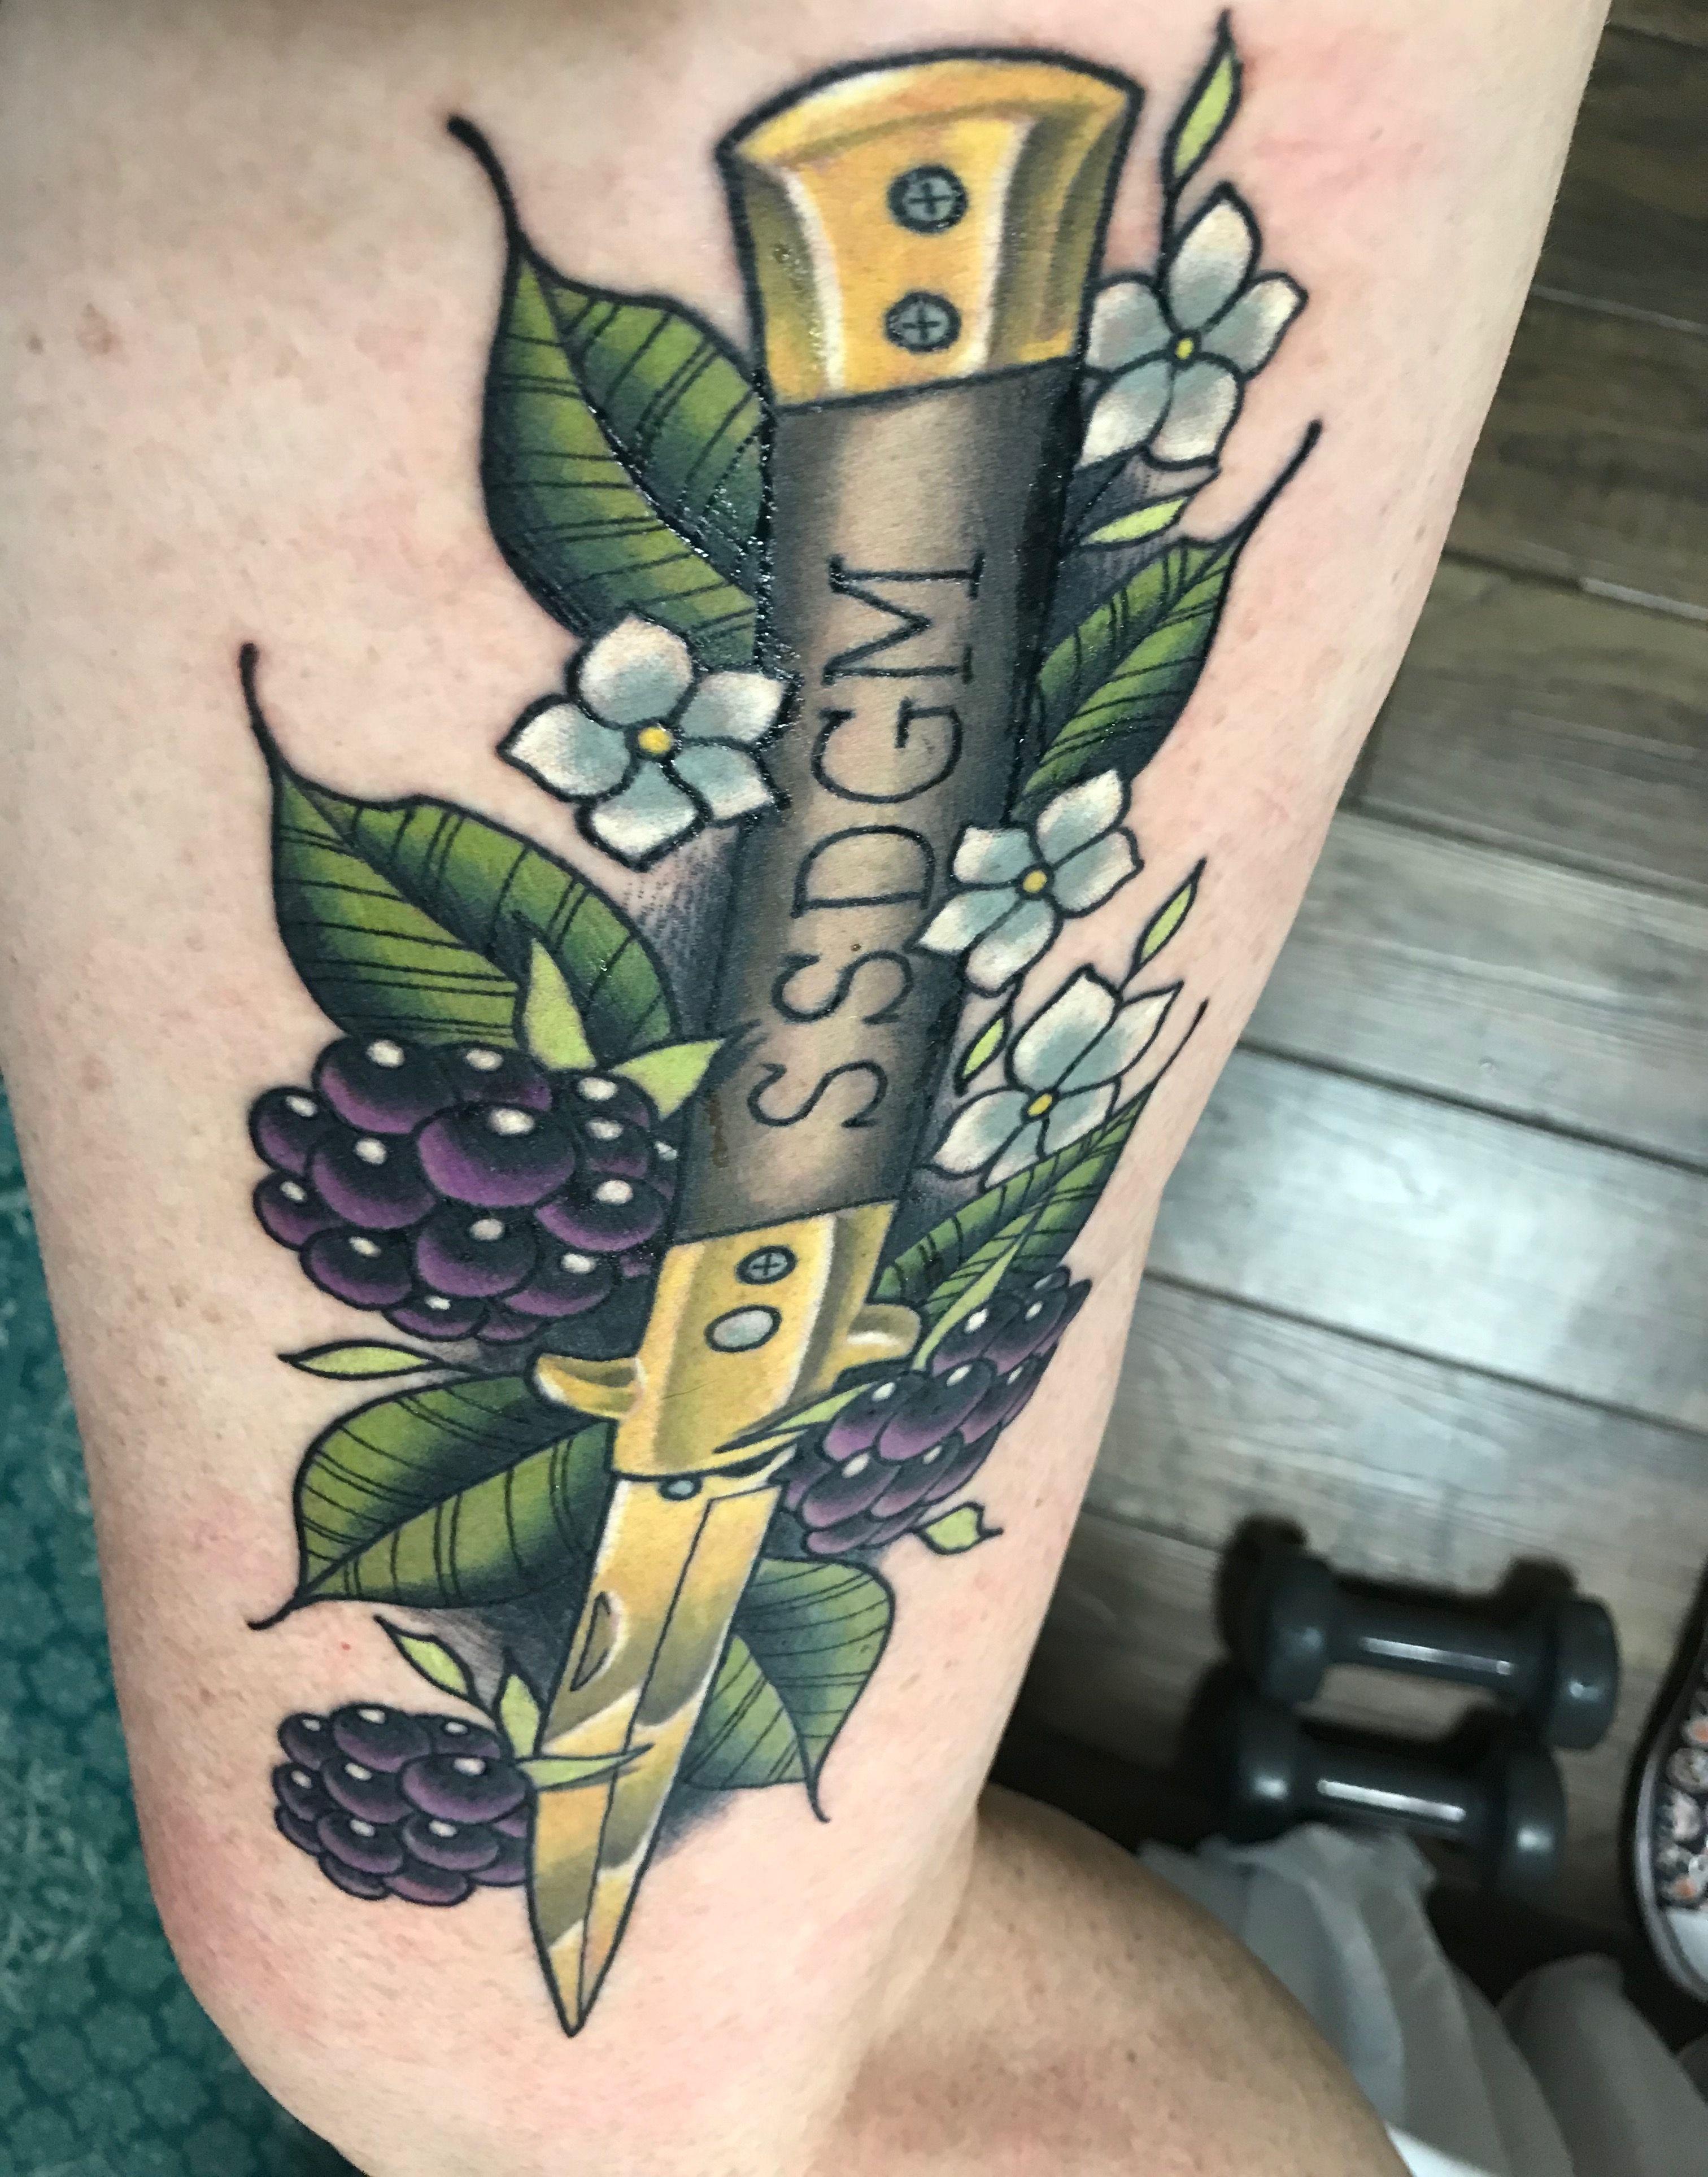 Murderino tattoo SSDGM, My Favorite Murder | tattoo | Tattoos ...